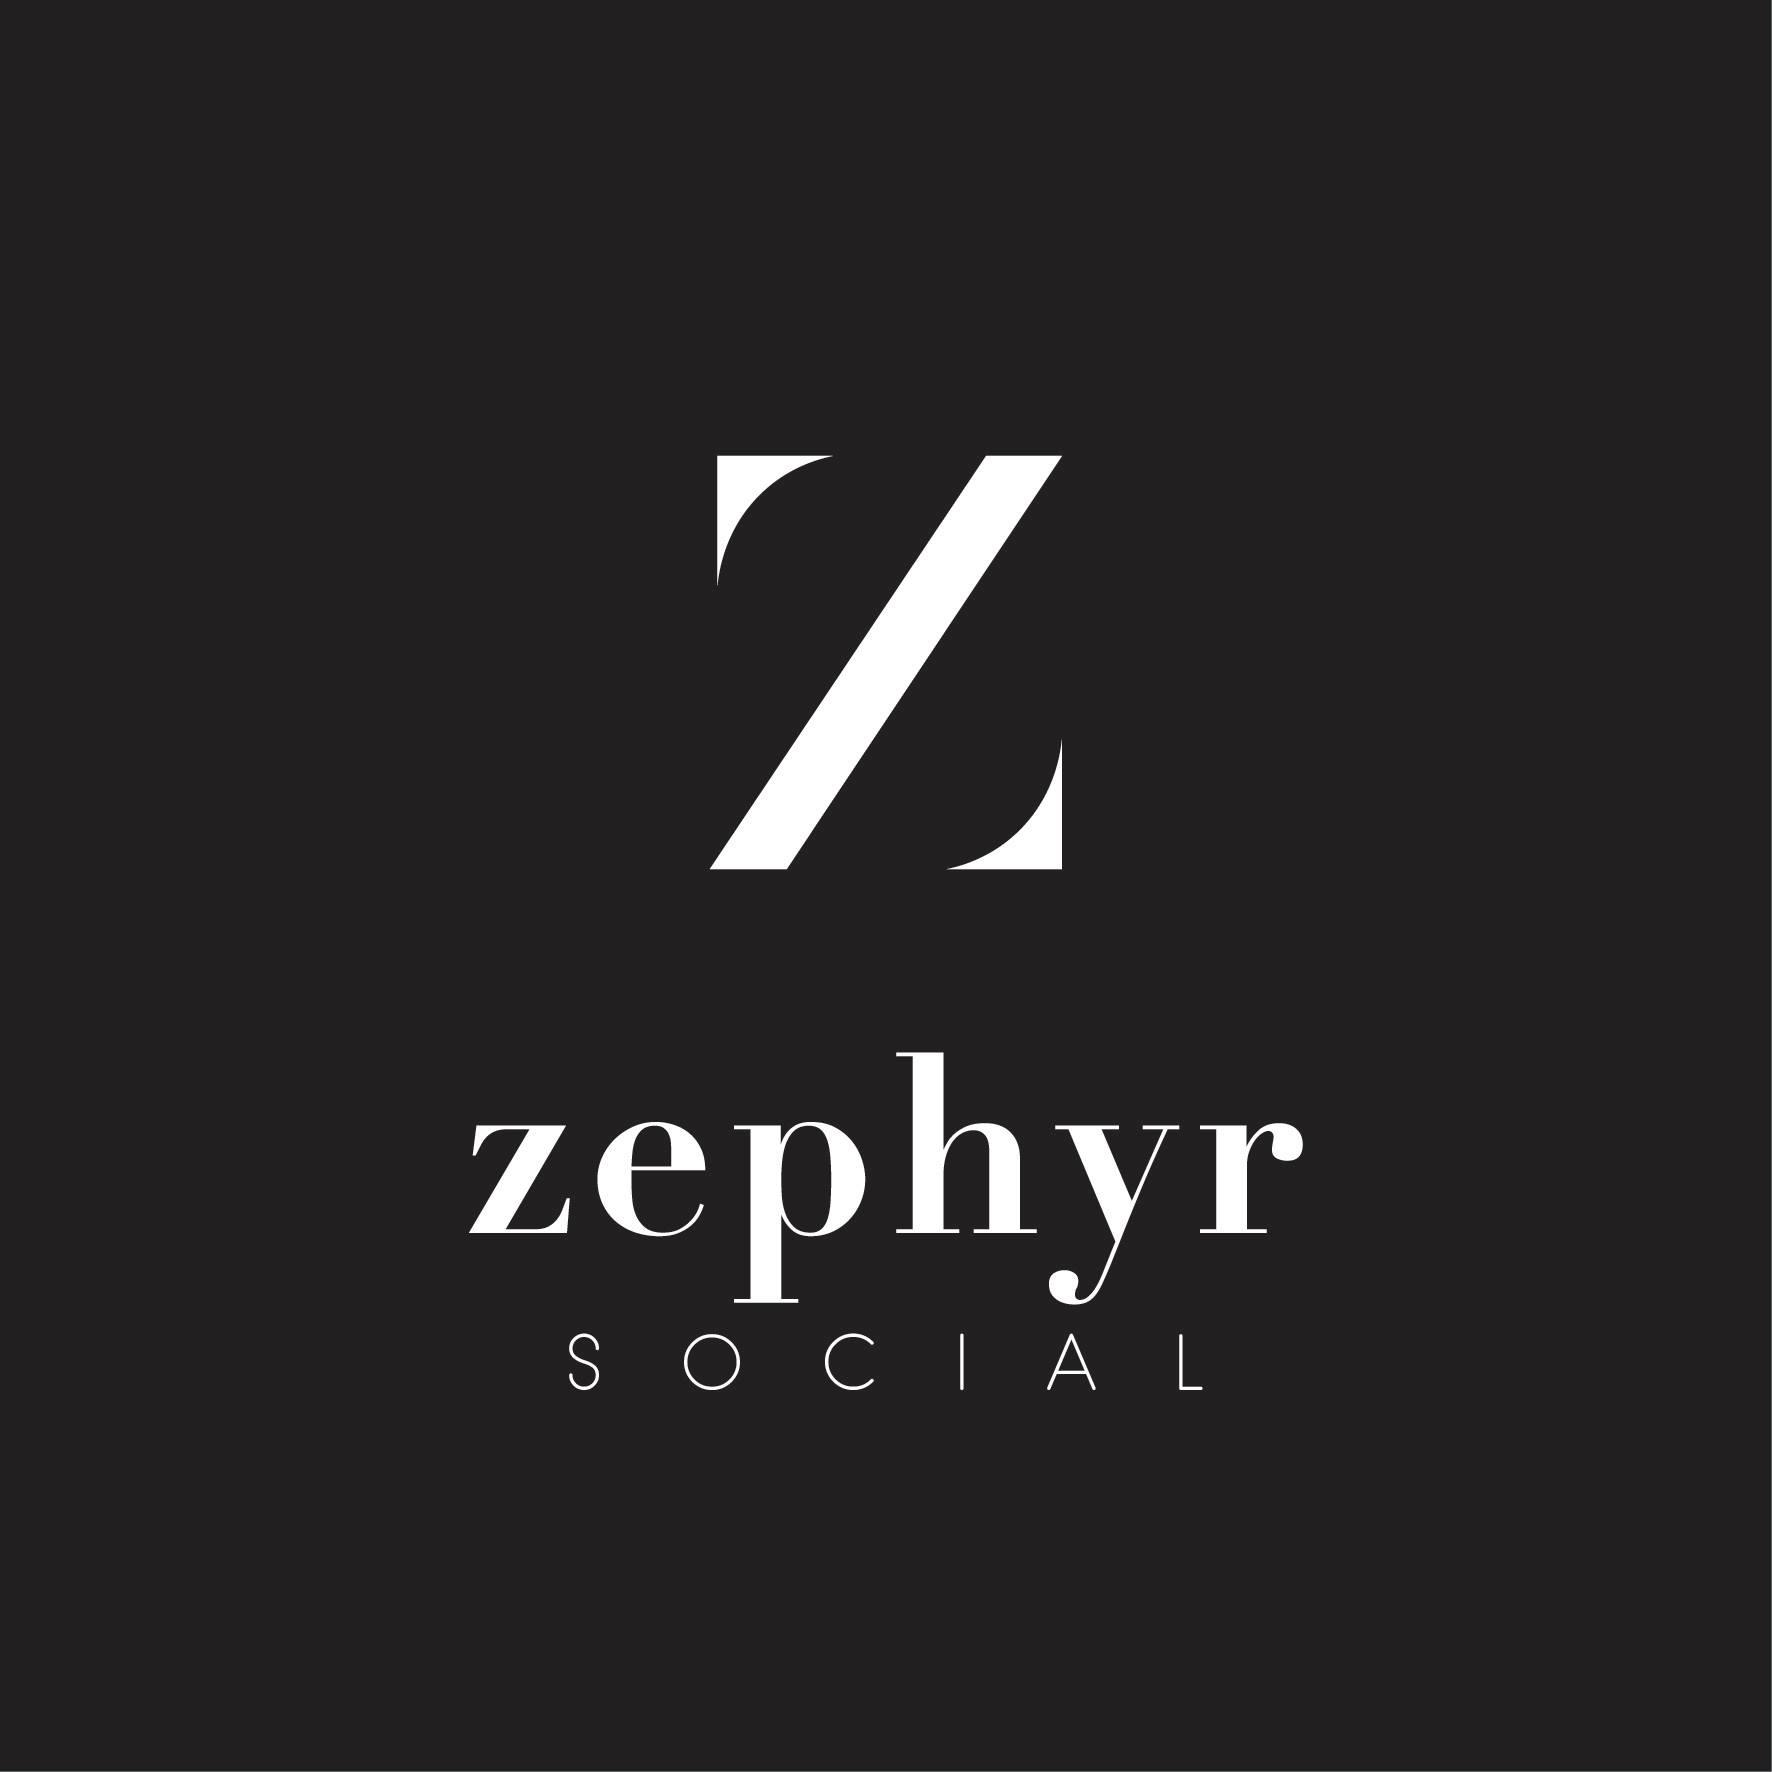 Zephyr Social, a chatbot developer